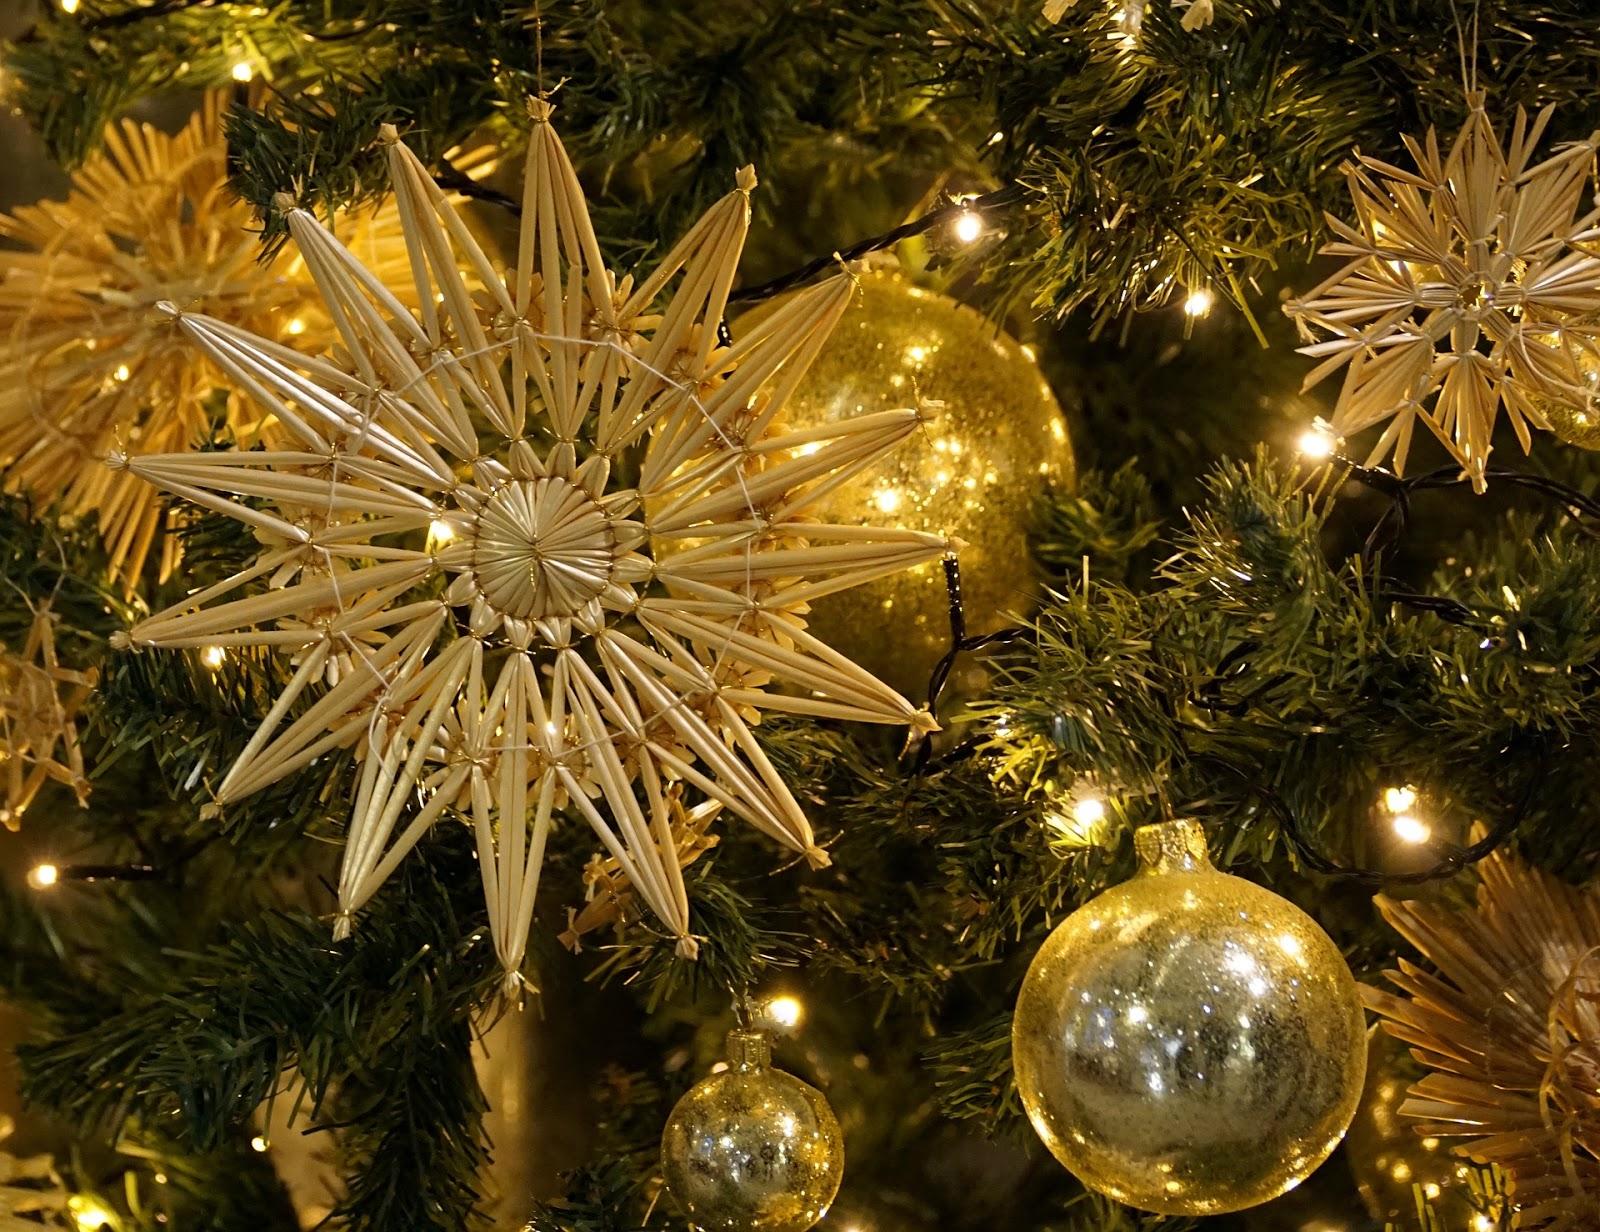 Künstlicher Weihnachtsbaum Outdoor.Künstlicher Weihnachtsbaum Mit Beleuchtung Test Die Besten